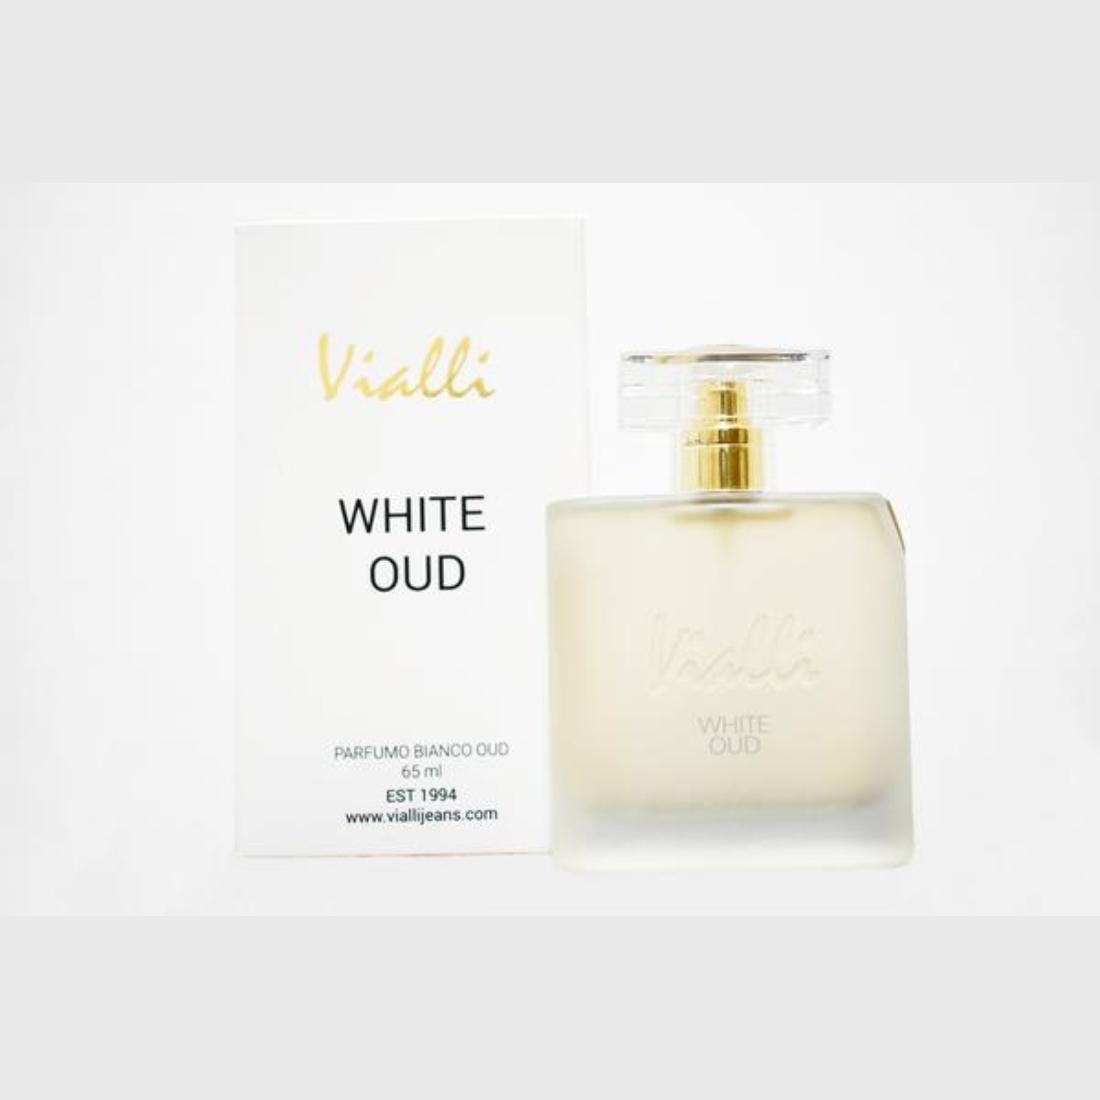 VIALLI WHITE OUD